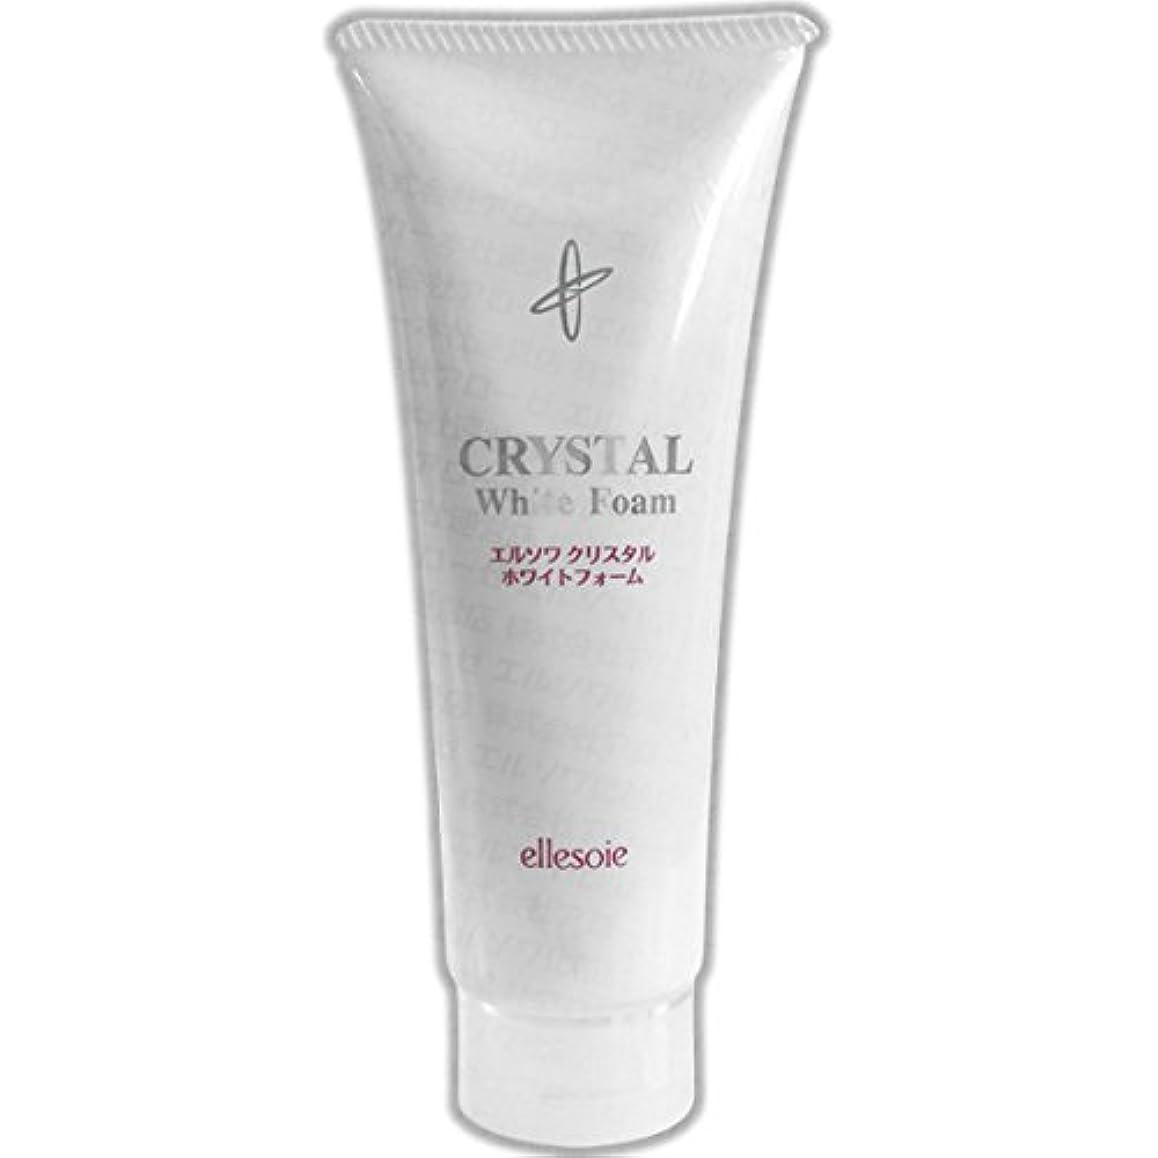 管理者リラックススペクトラムエルソワ化粧品(ellesoie) クリスタル ホワイトフォーム 洗顔